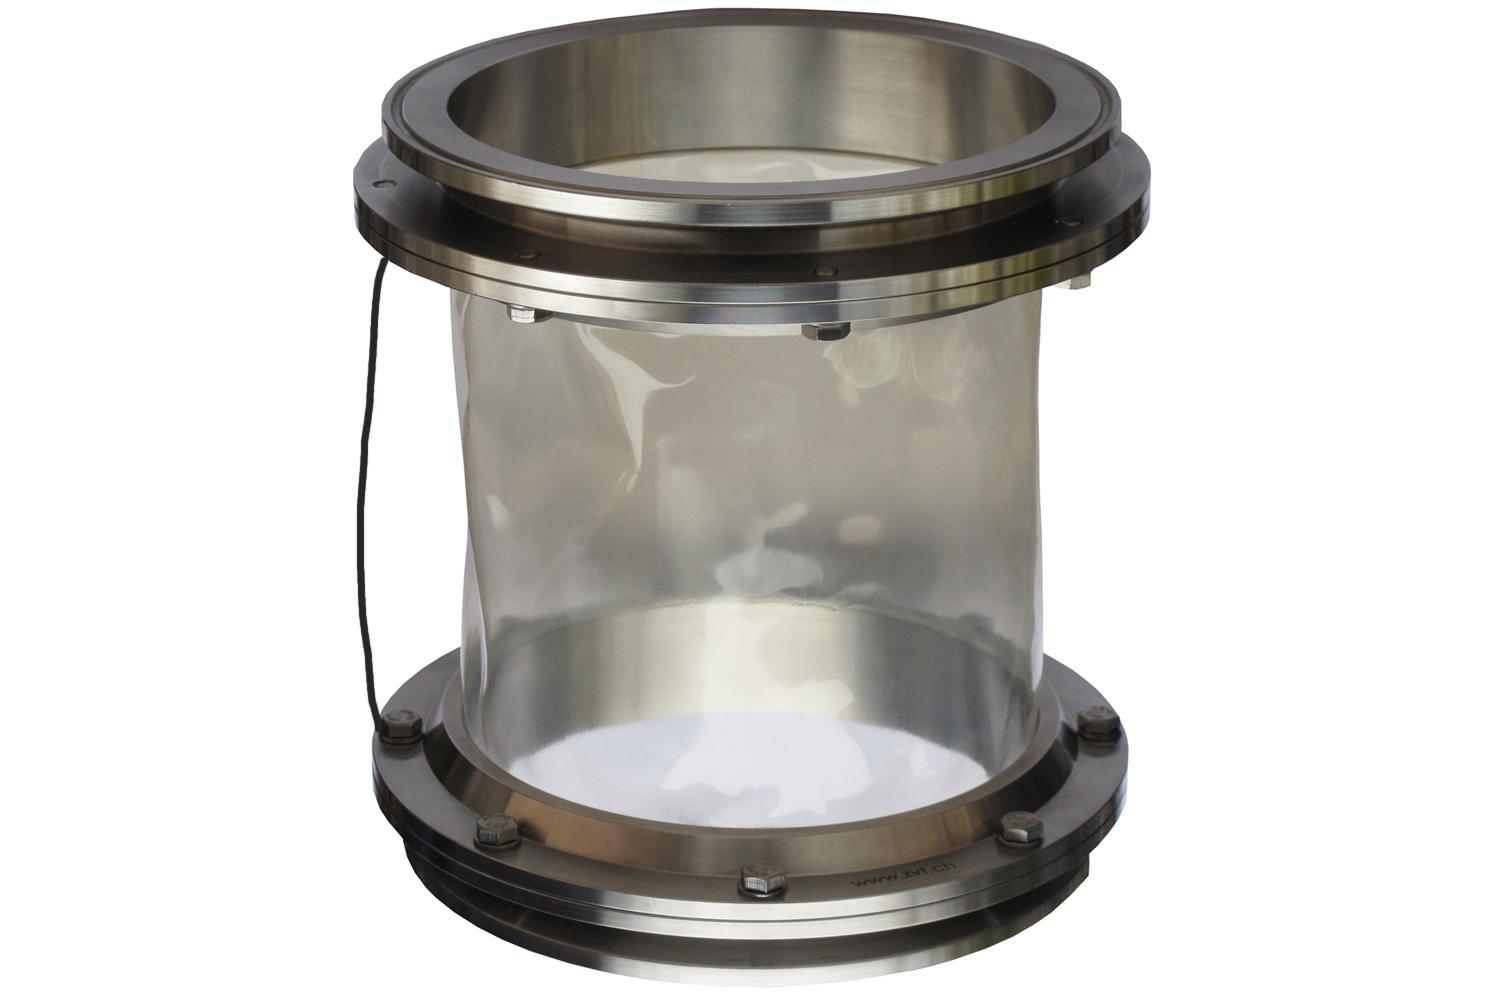 conflex-kompensator-erdung-klein